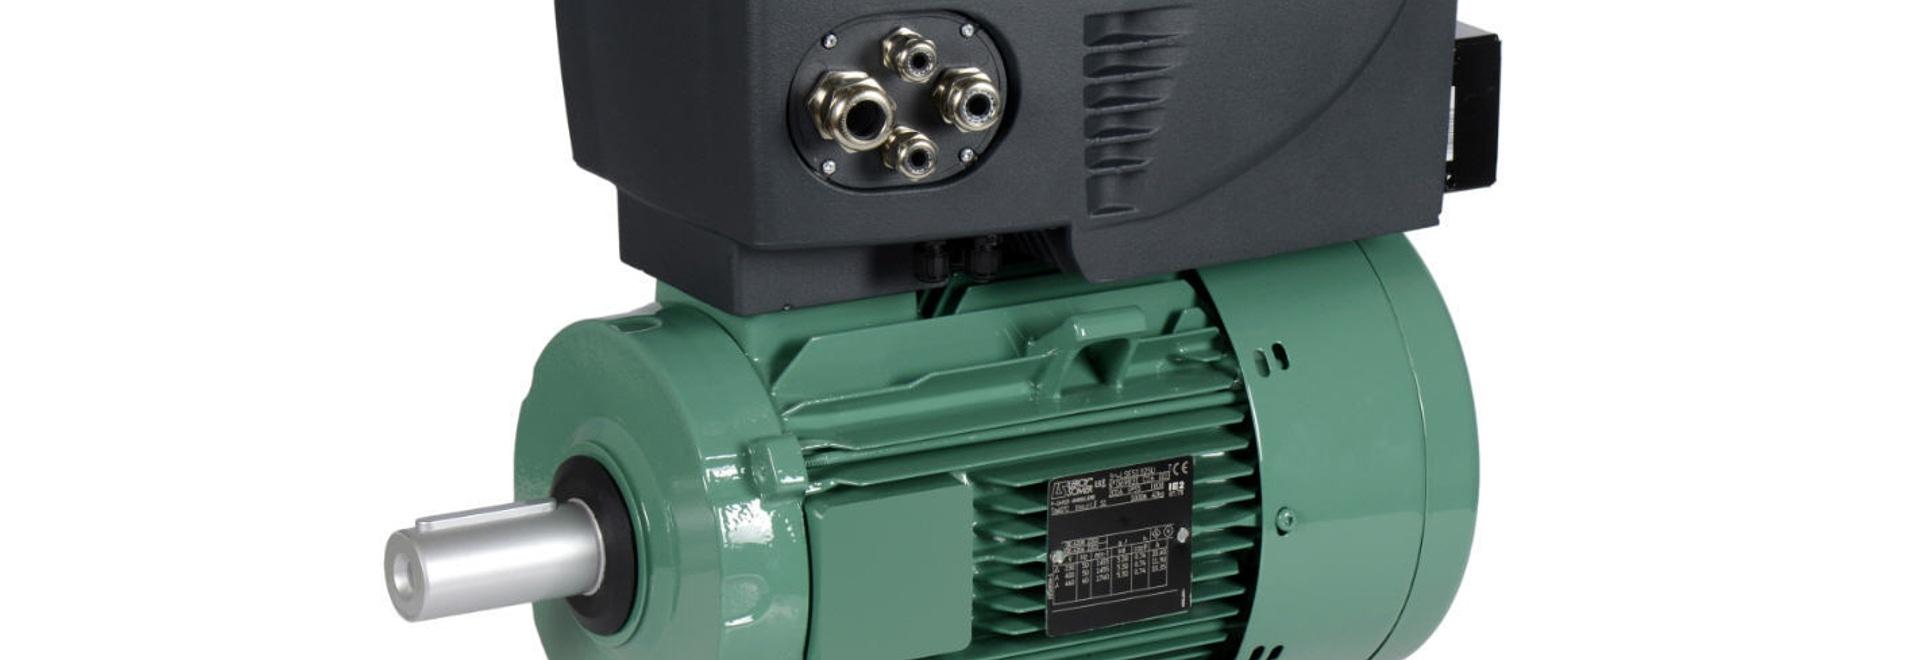 Commander ID 300, le nouveau variateur intégré aux moteurs IMfinity®